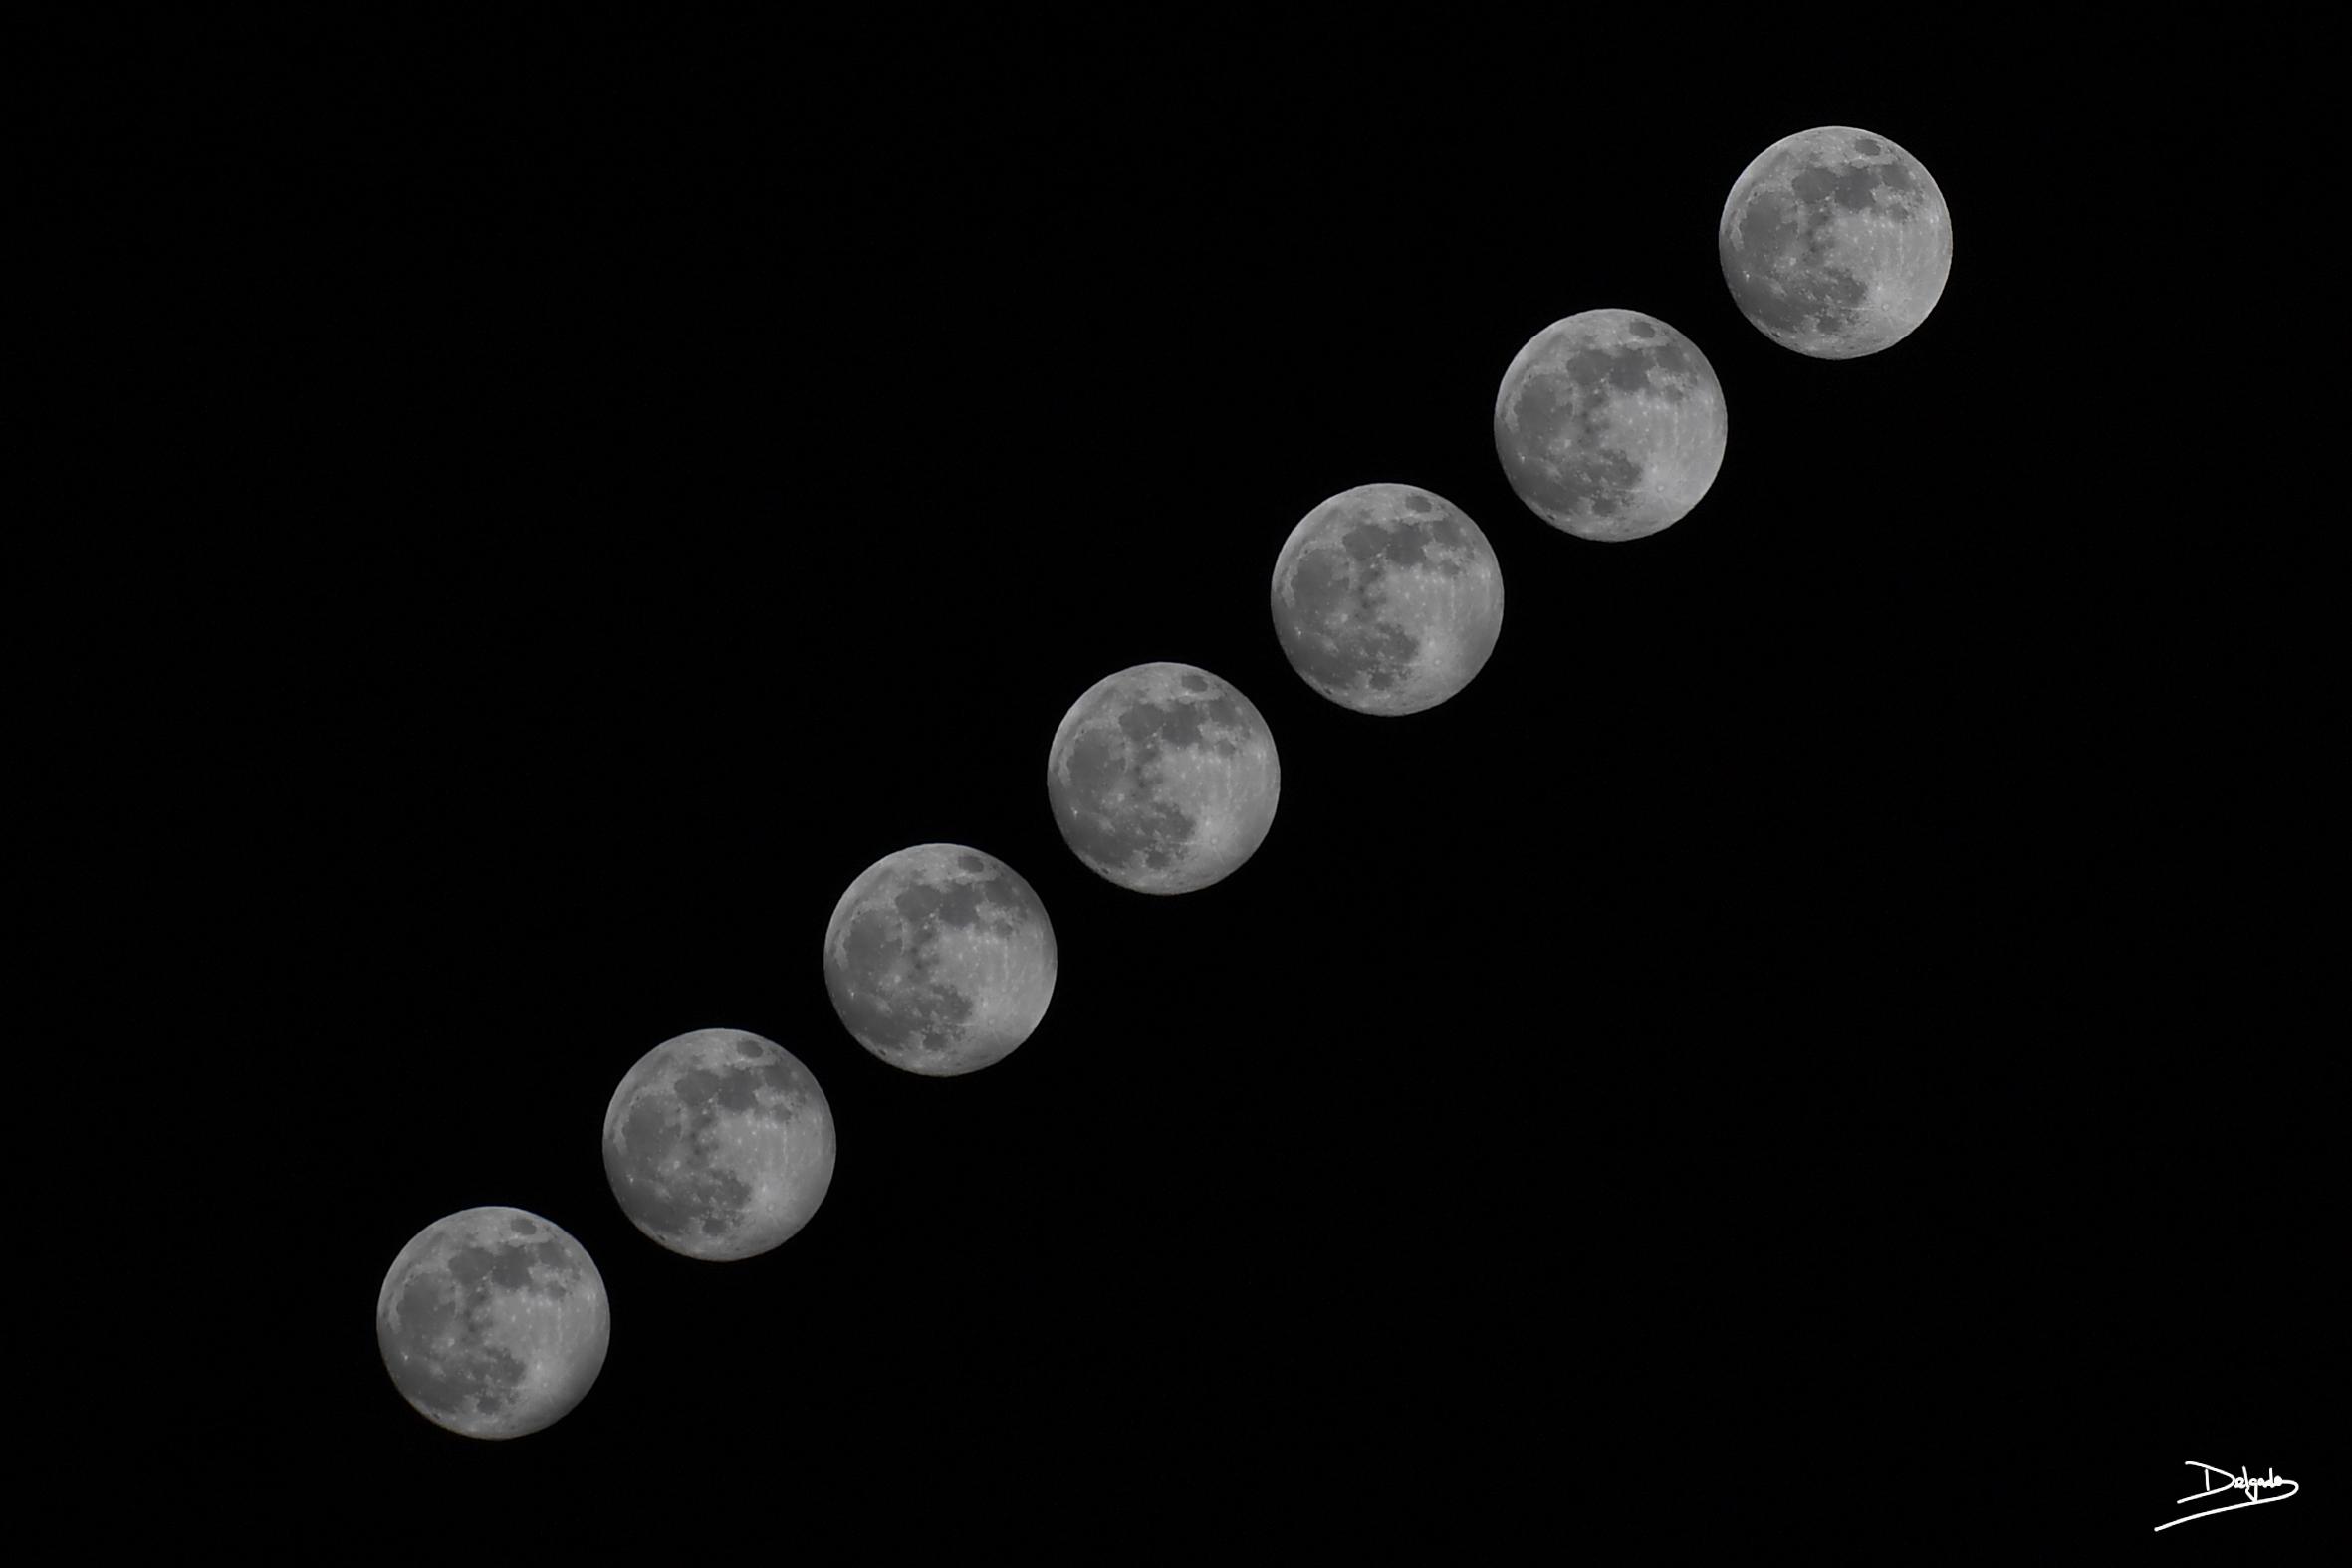 Foto del día: La Luna, una mirada al cielo